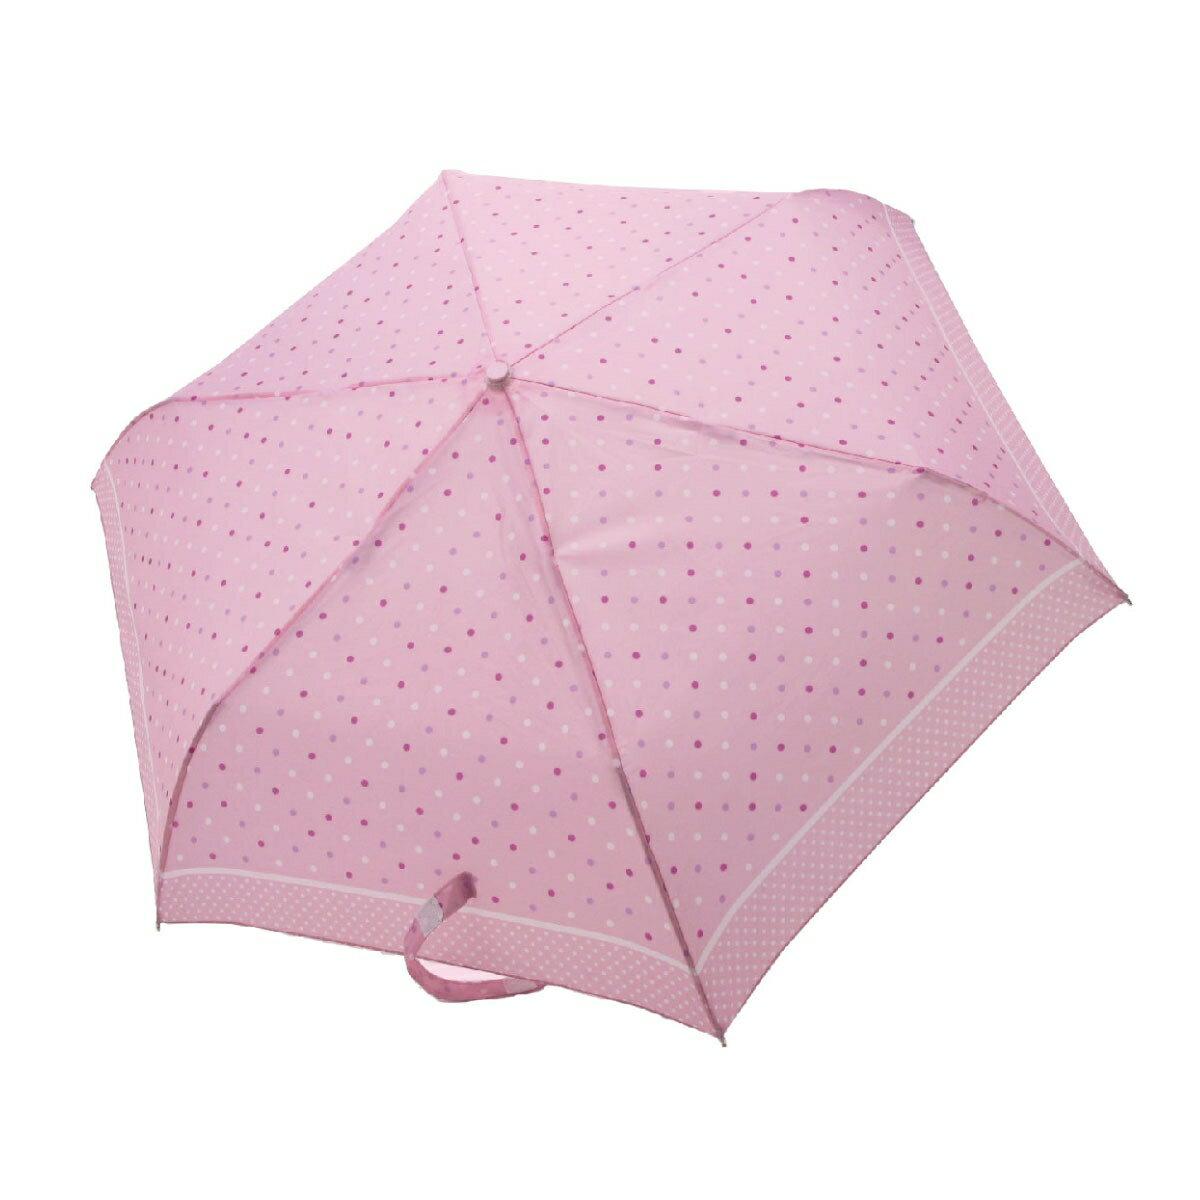 【iumbrella】晴雨兩用傘雨傘 折傘 圓點小彎勾-粉紅點點